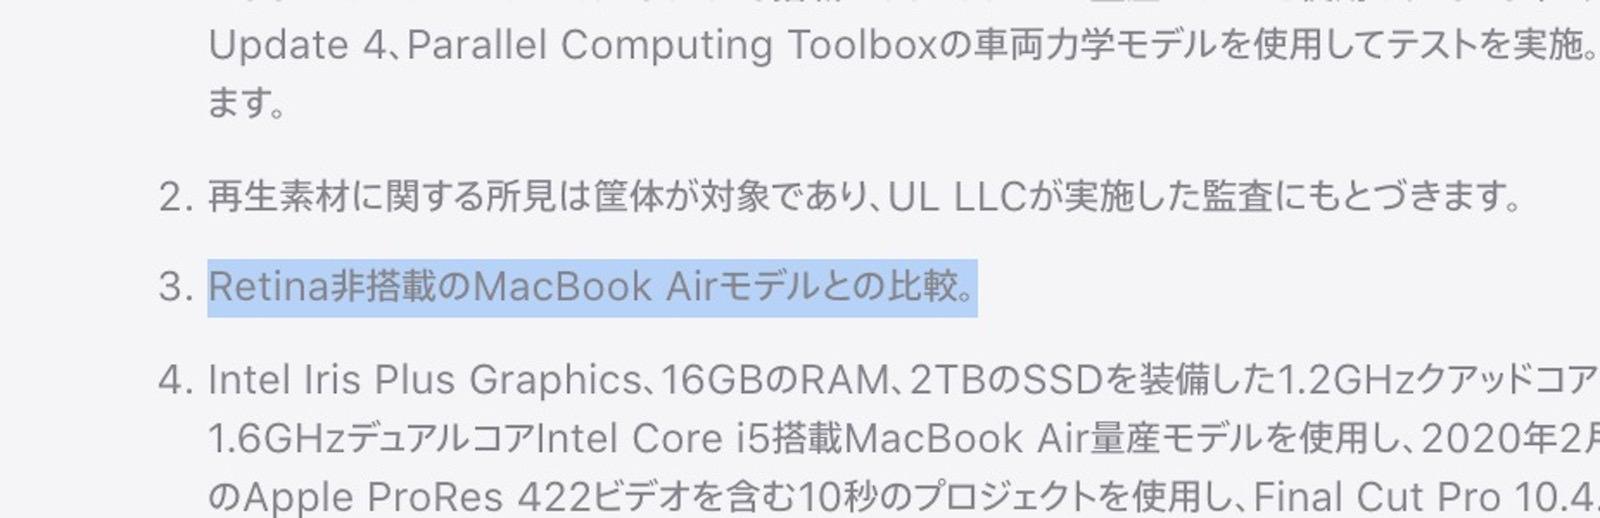 MacBook Air 2020 specs